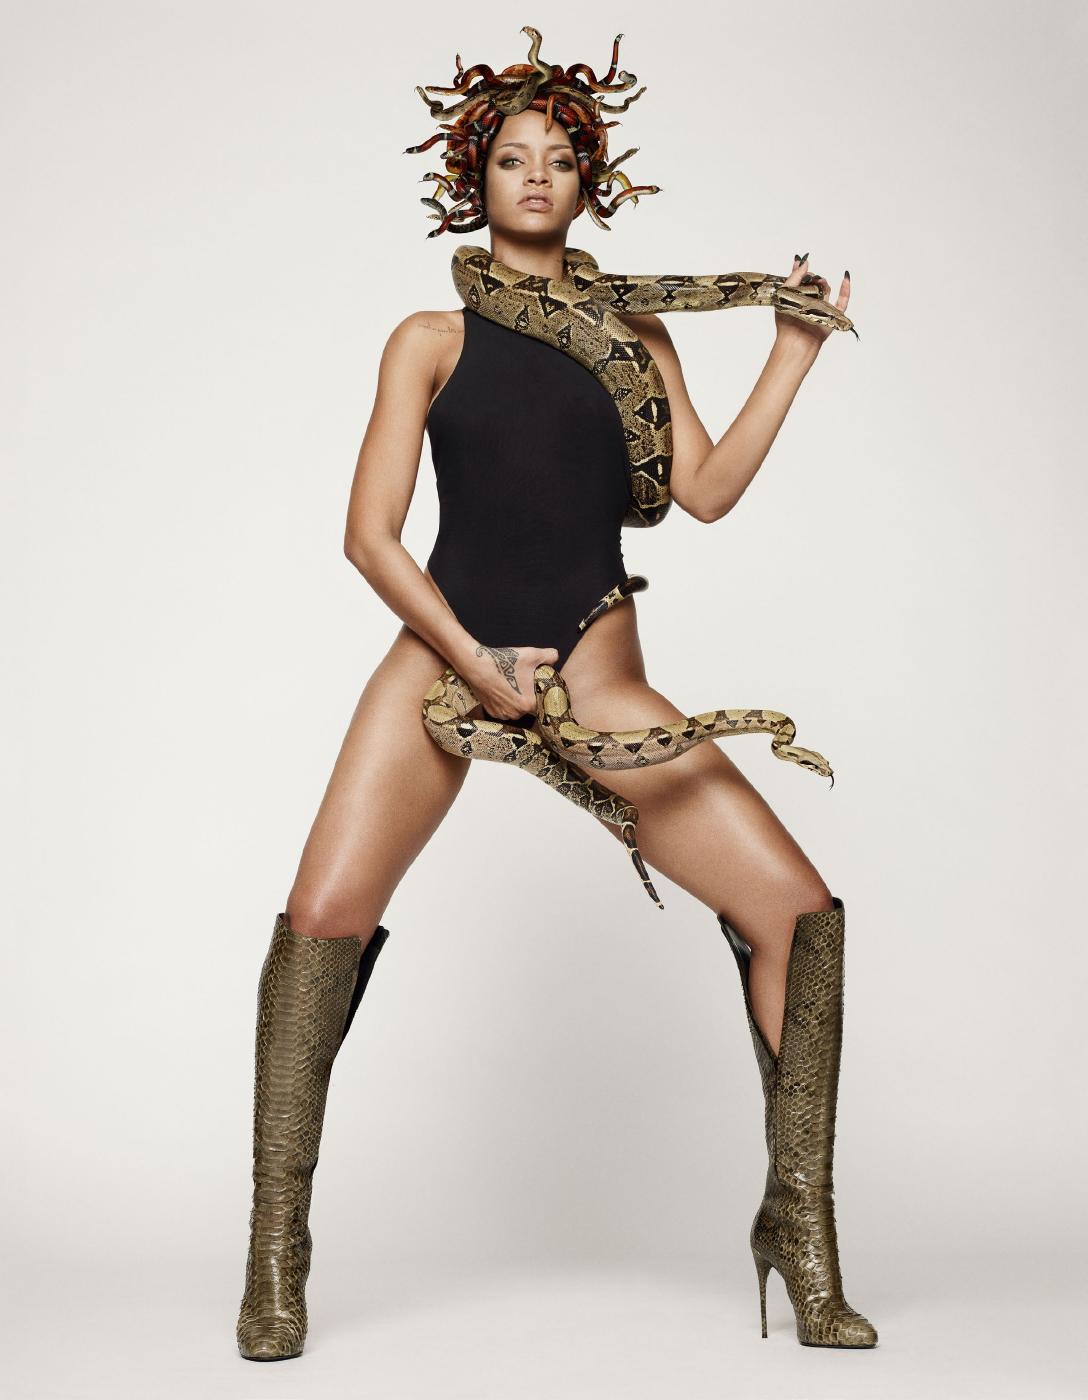 Rihanna Nude Snake Photoshoot Set Leaked 0007